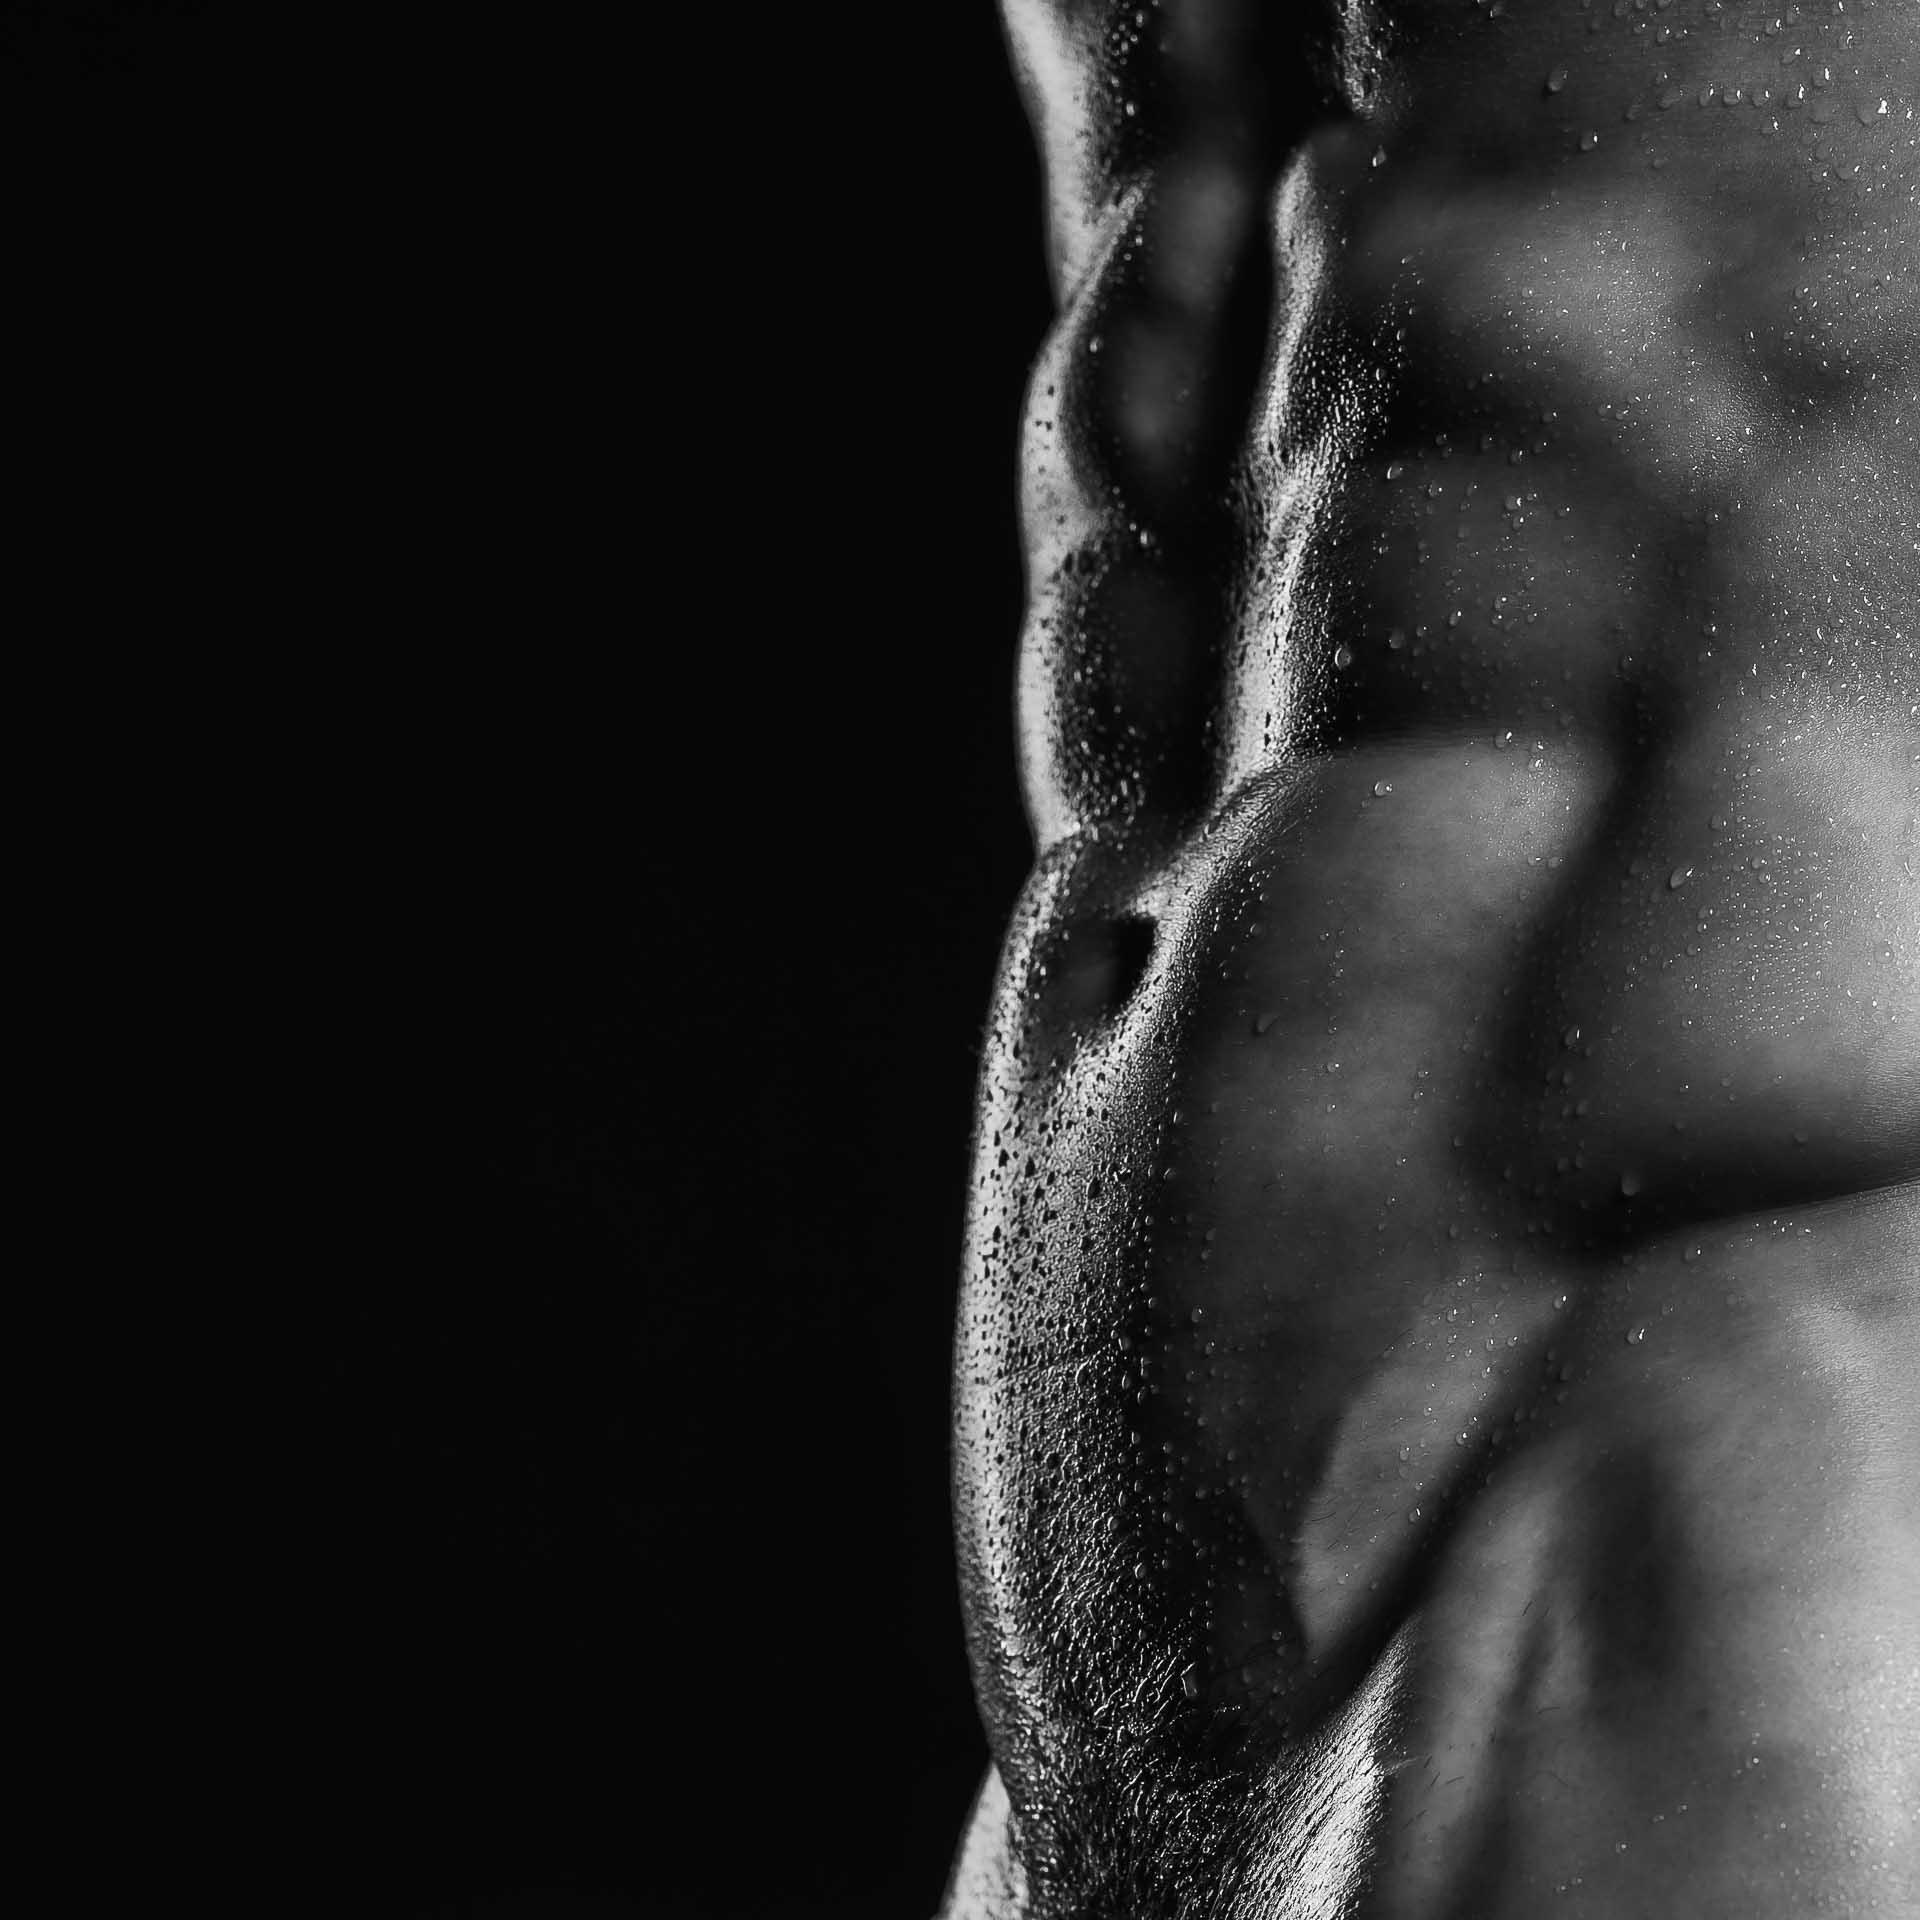 Männeraktfotografie-schwul-gay-photography, sixpack